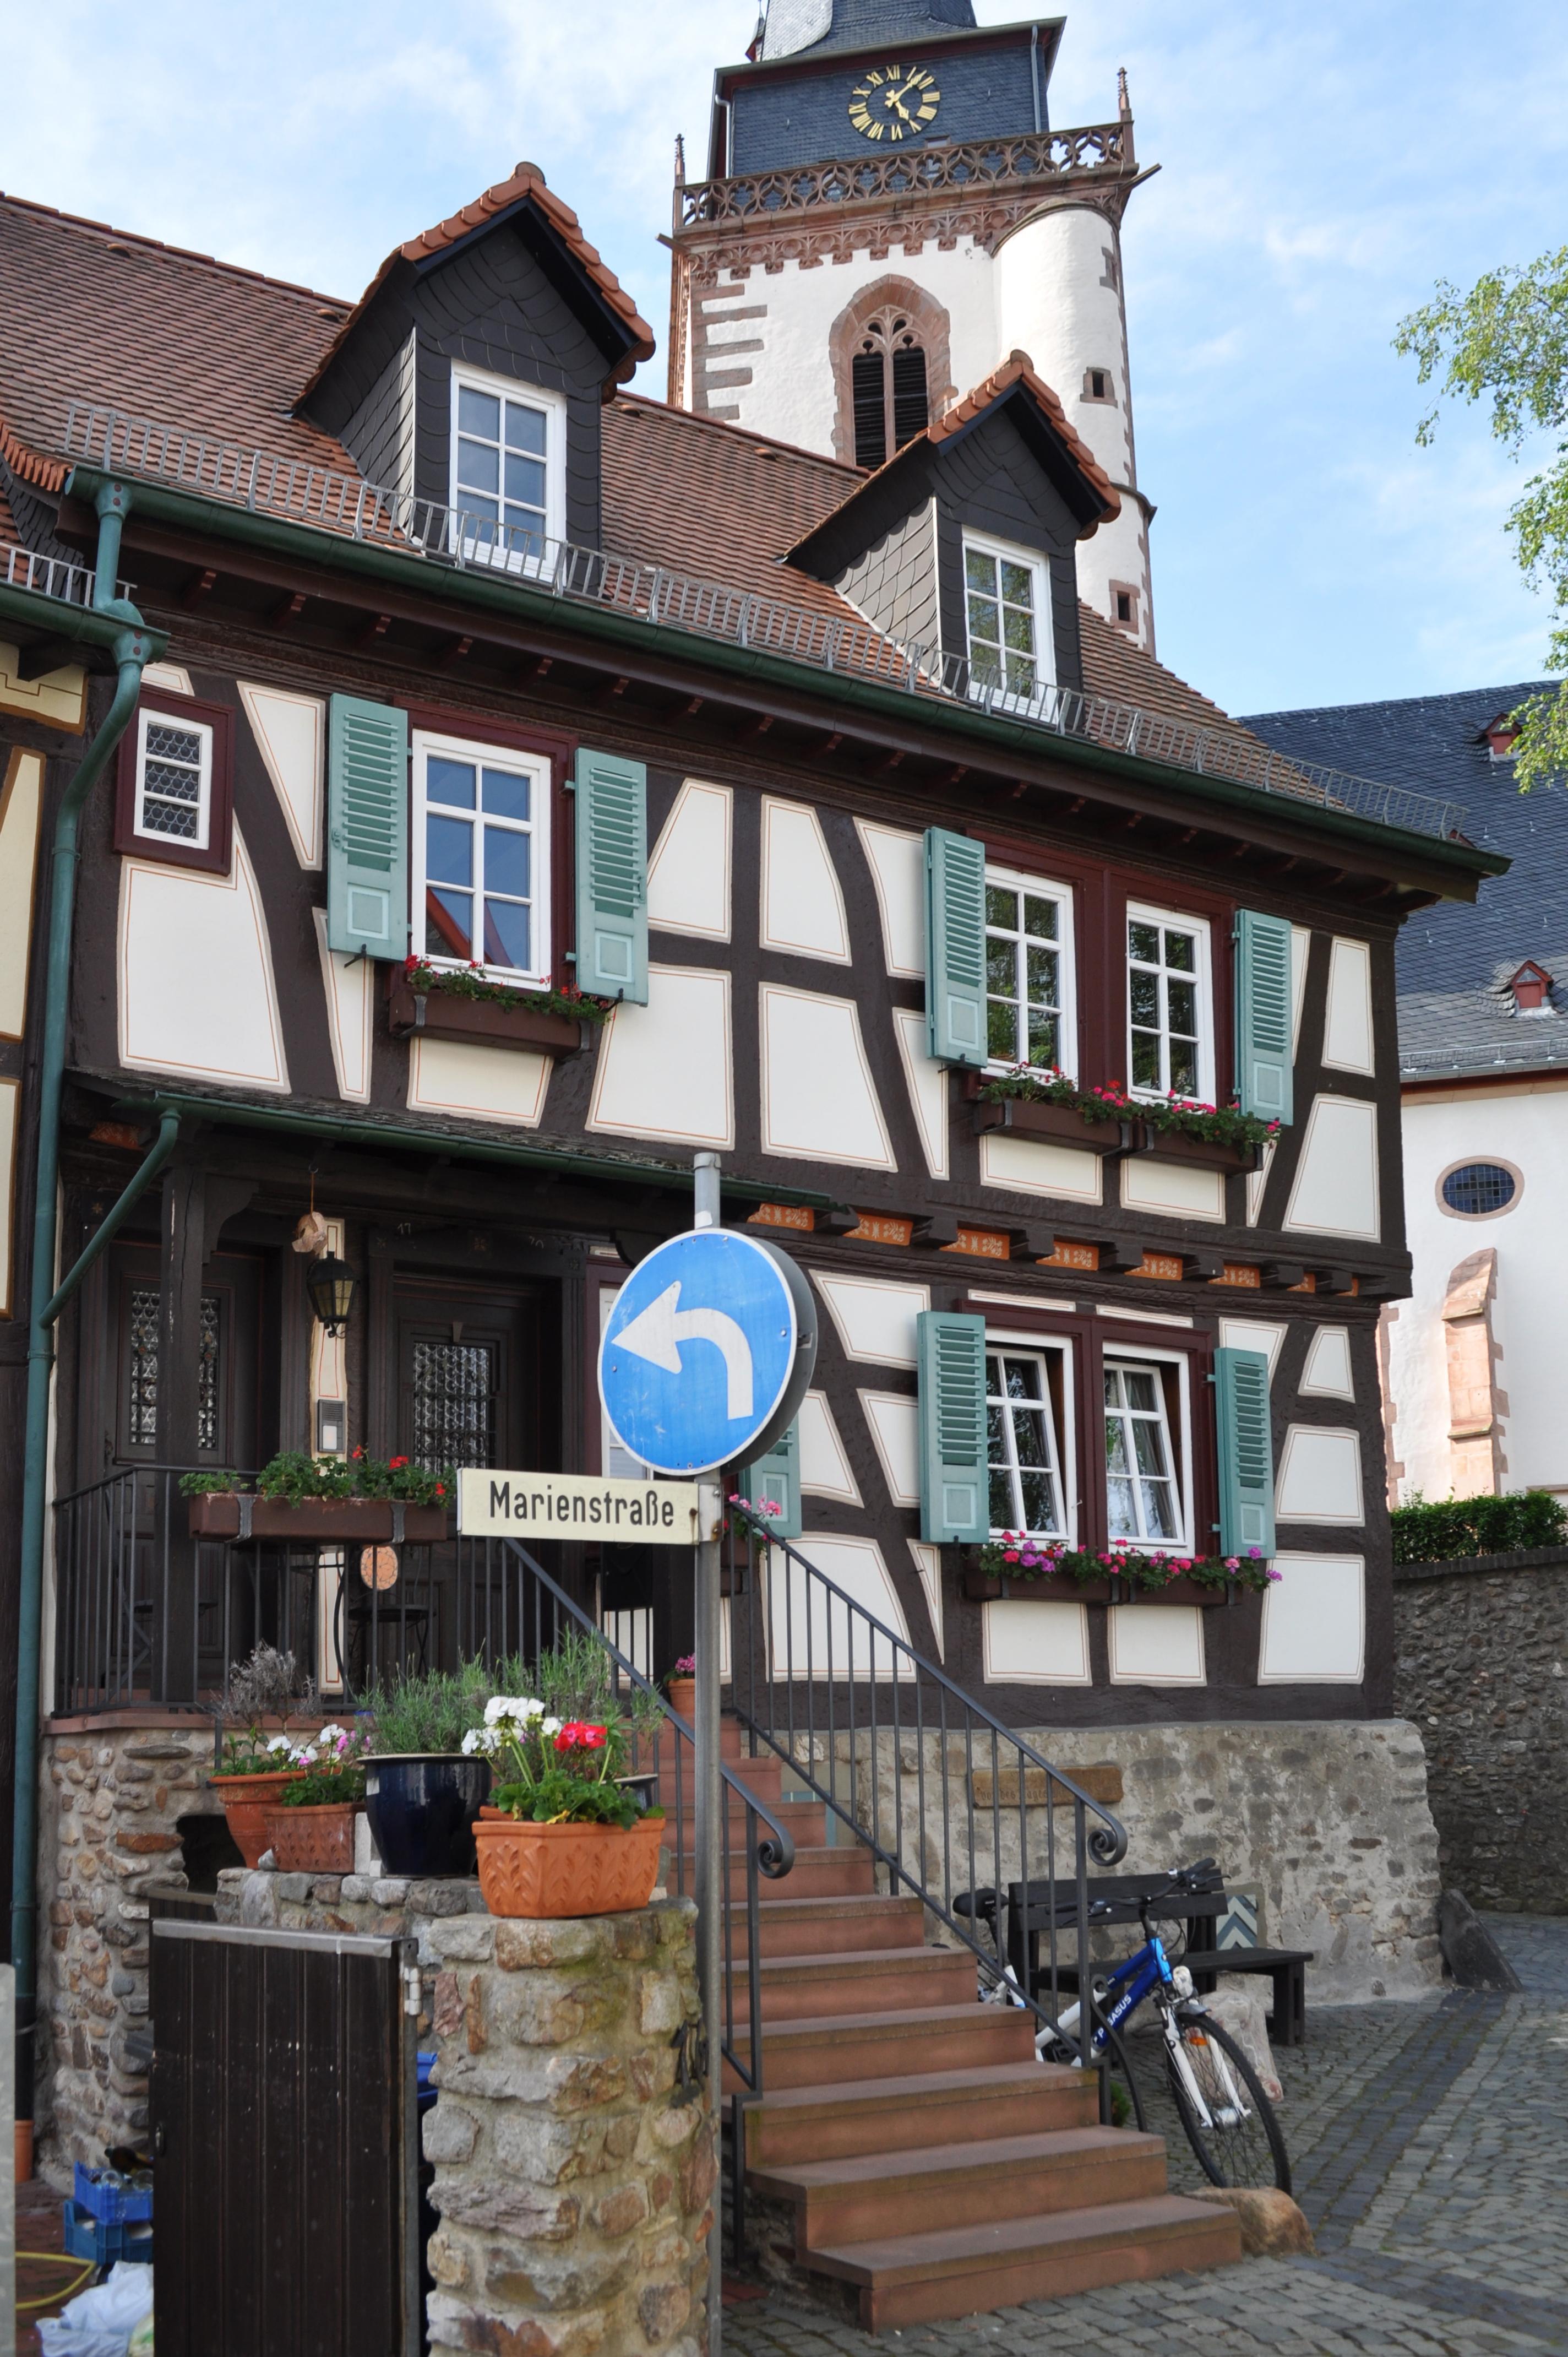 File:Oberursel, Marienstr. 16.JPG - Wikimedia Commons